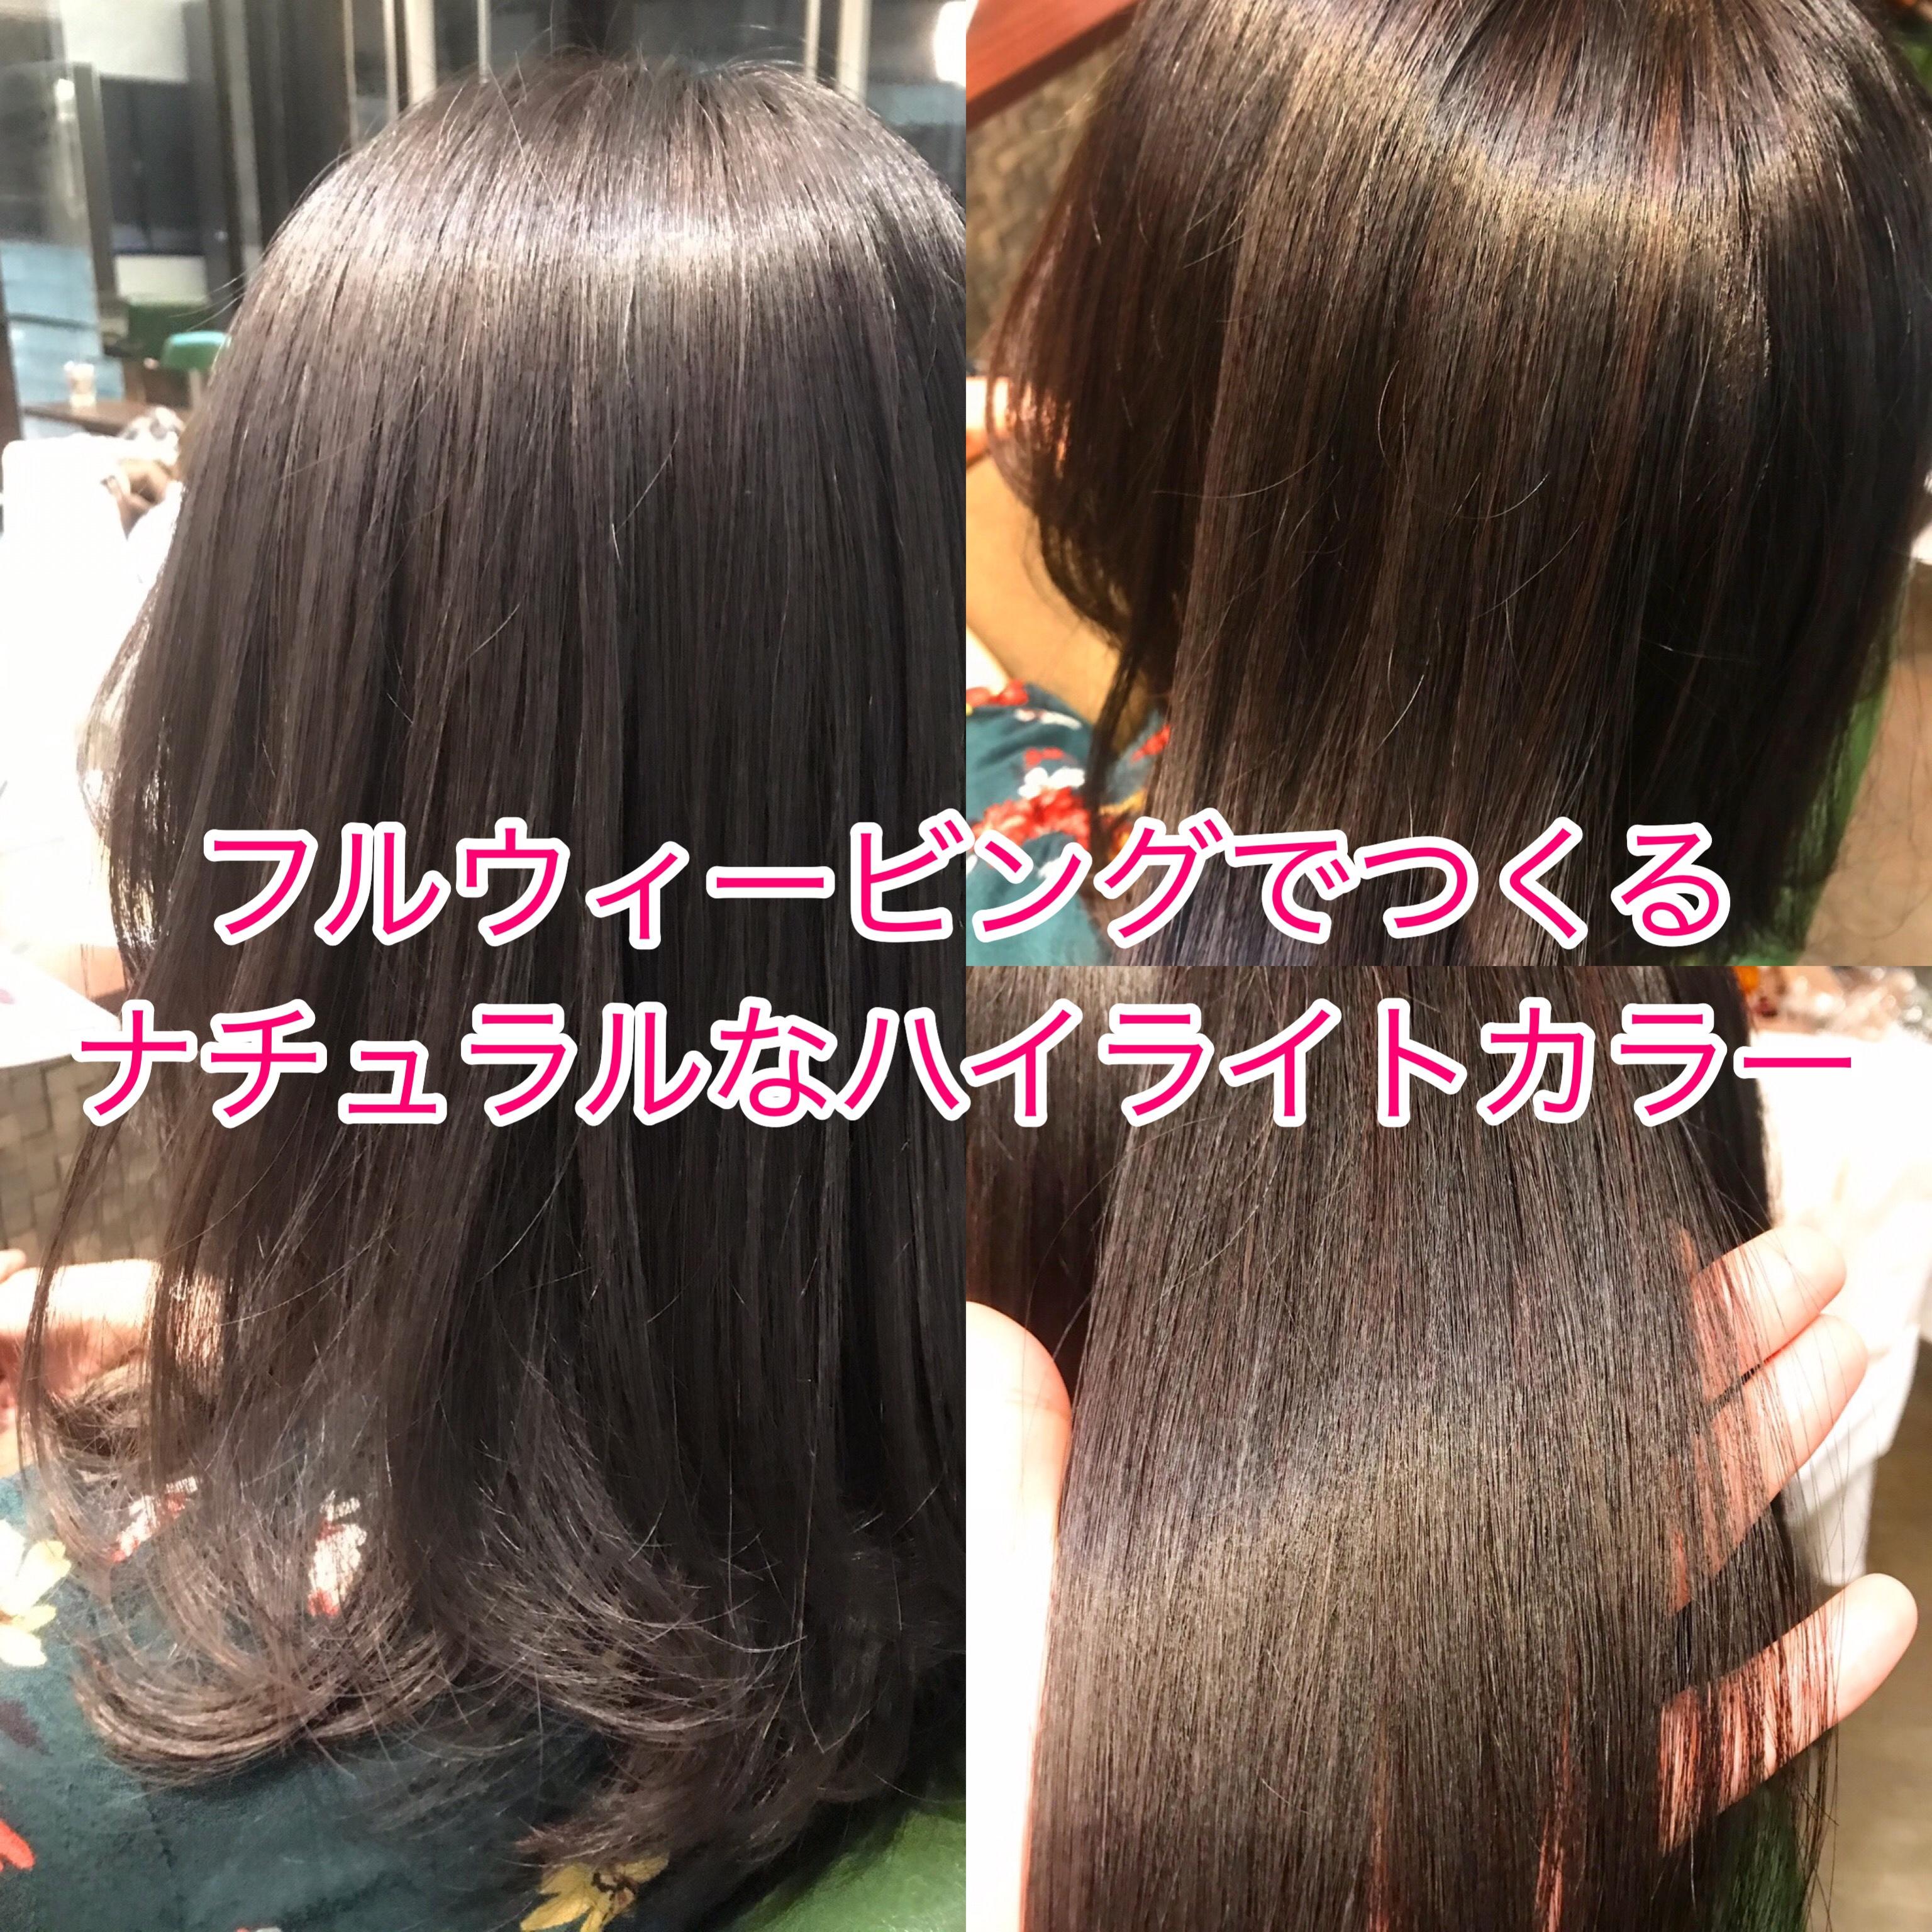 ベース グラデーション カラー 黒髪